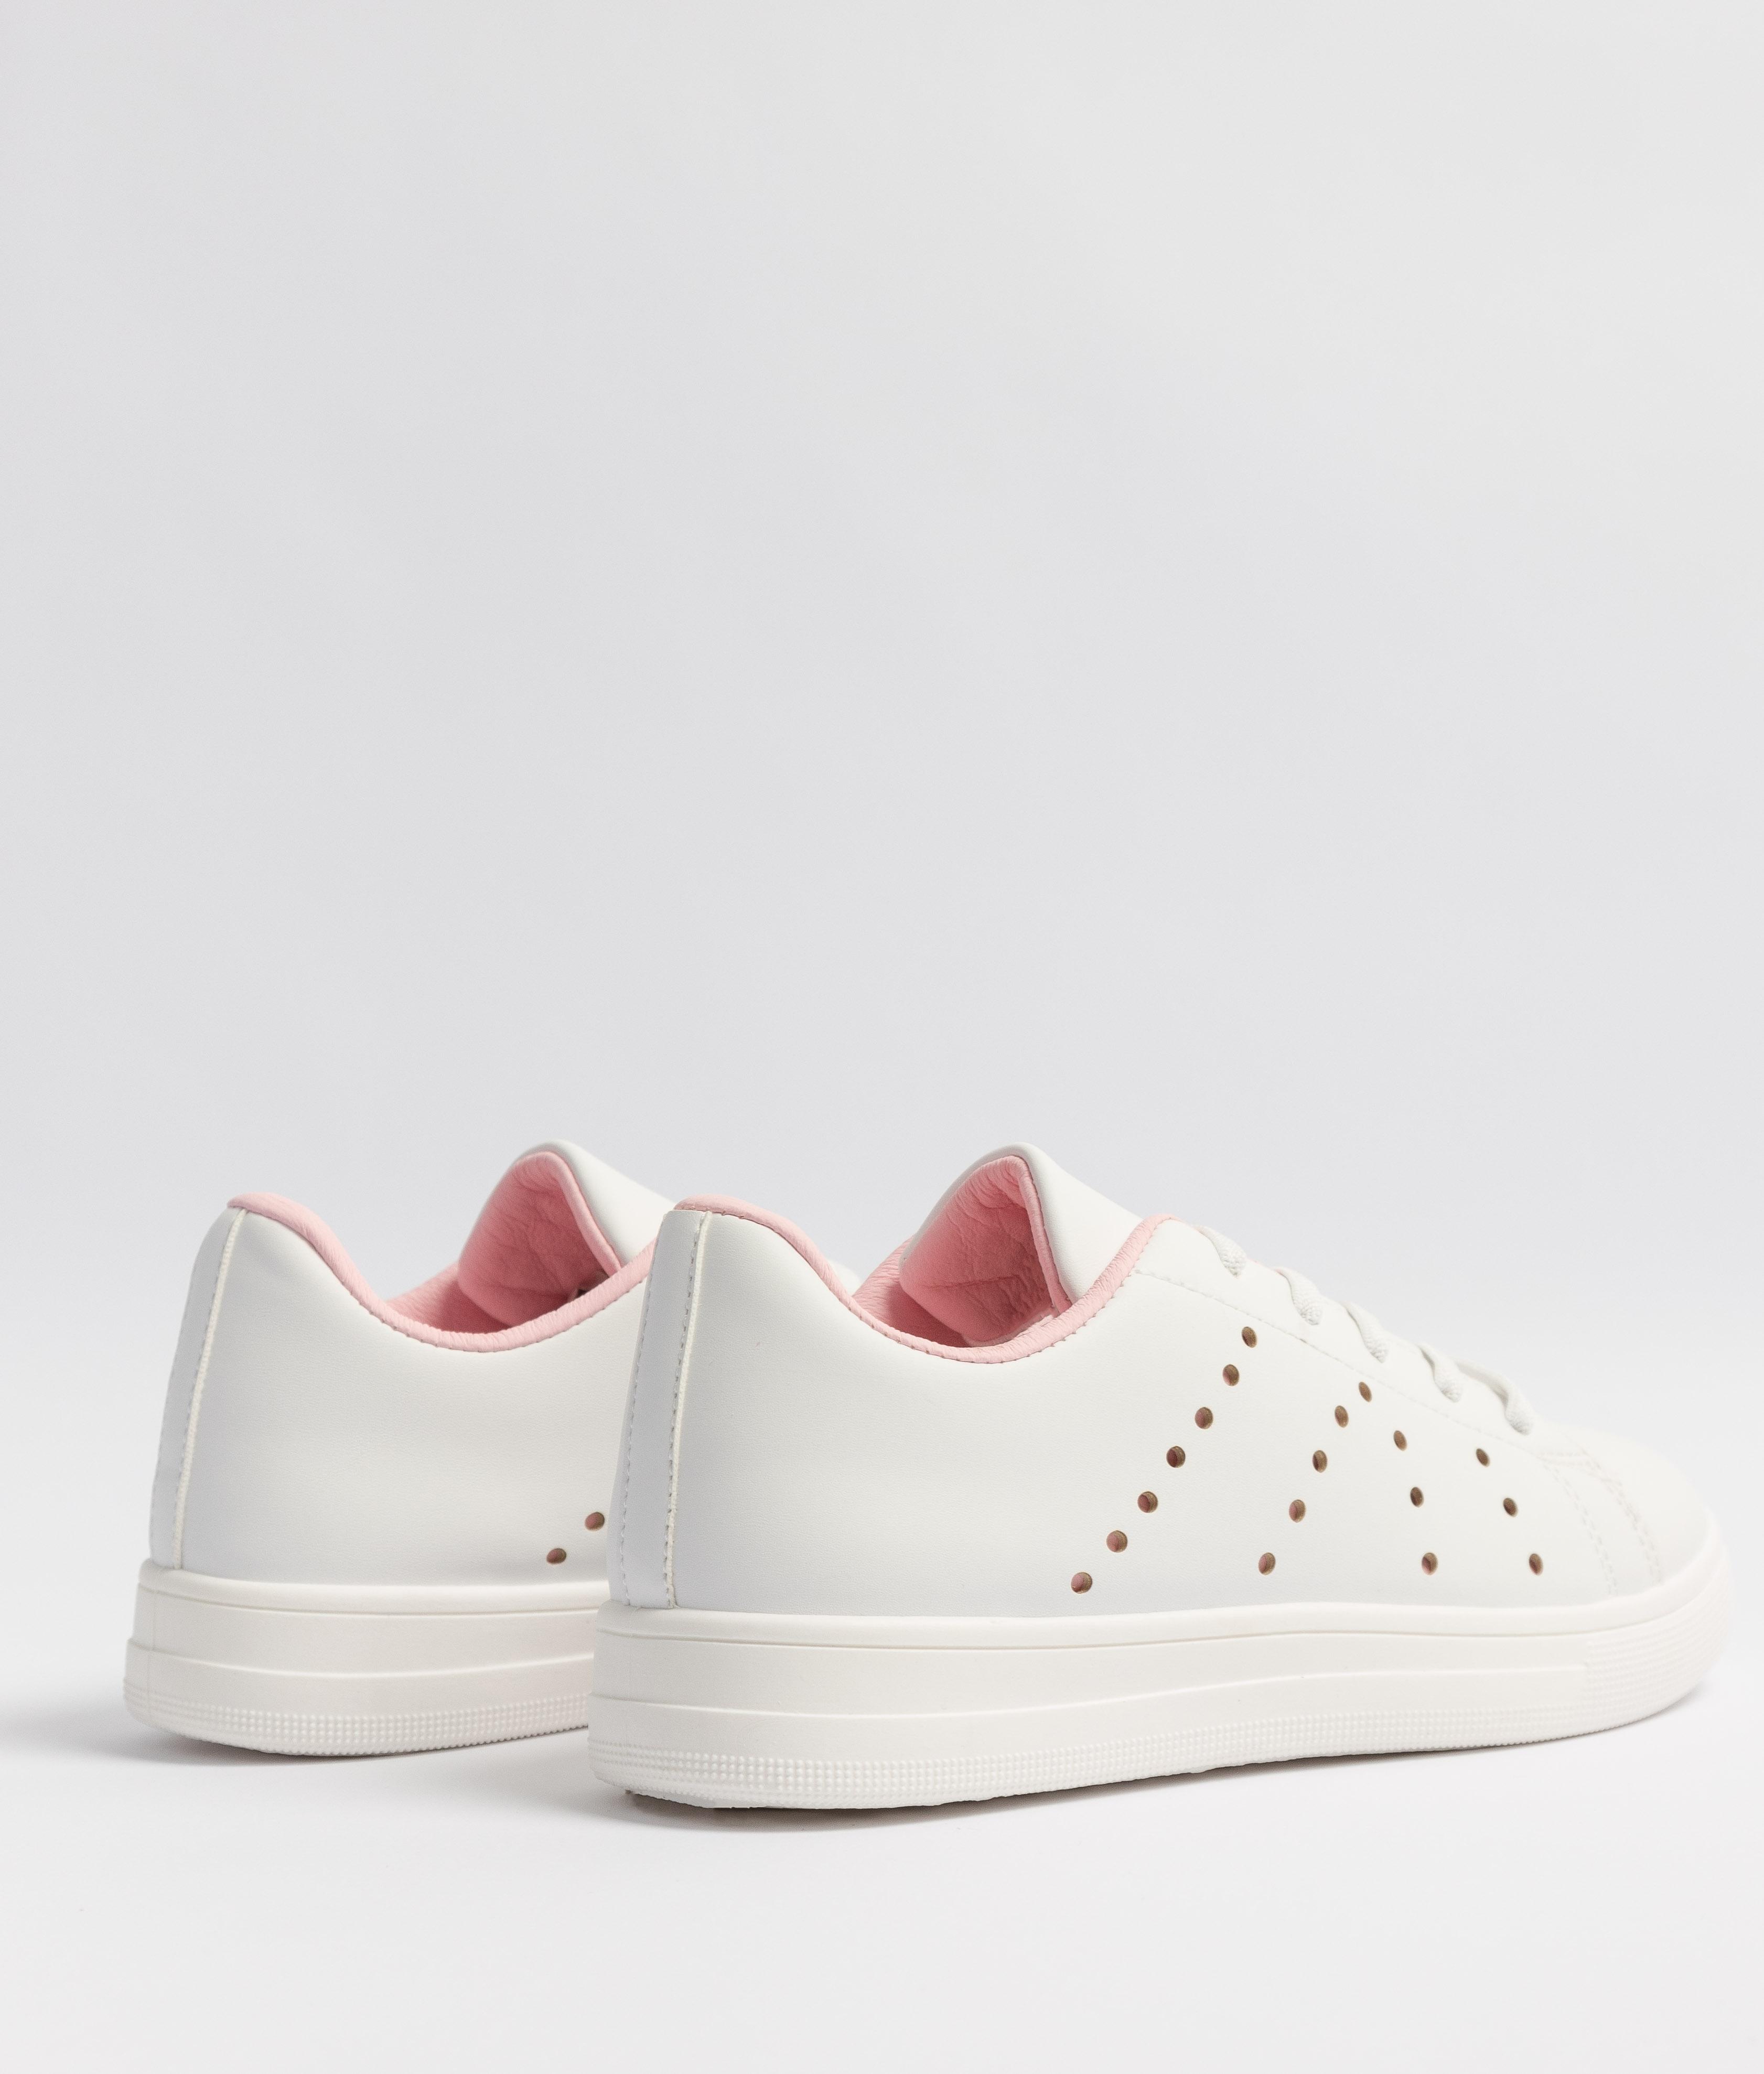 Sneakers Atelier - Rose